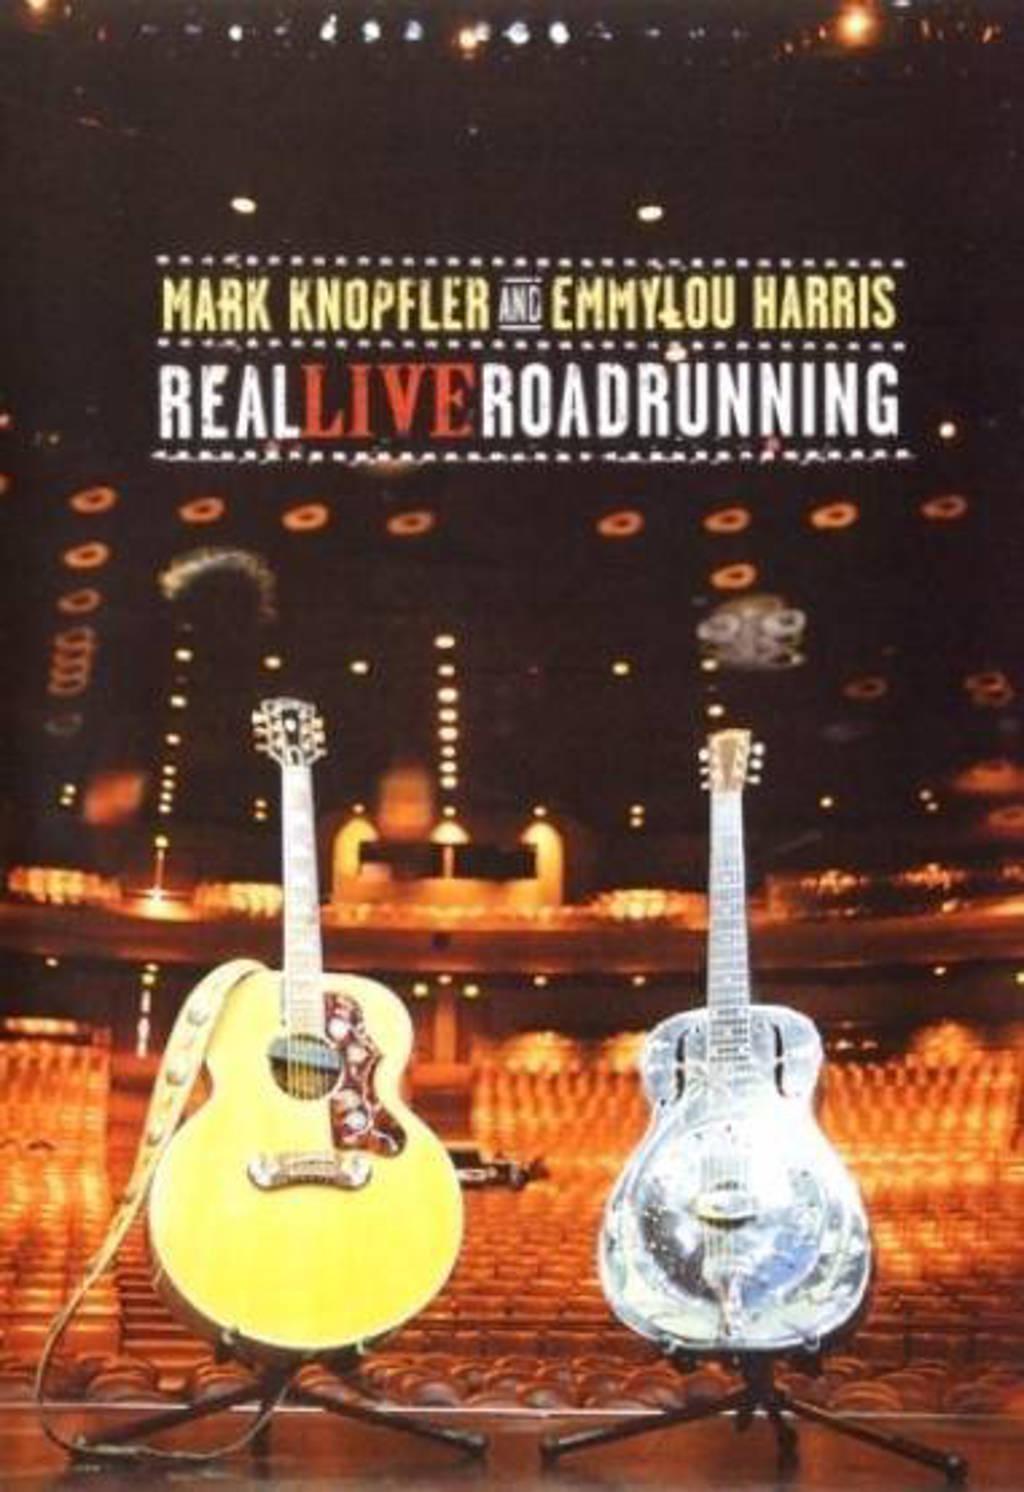 Mark Knopfler - real live roadrunning (DVD)